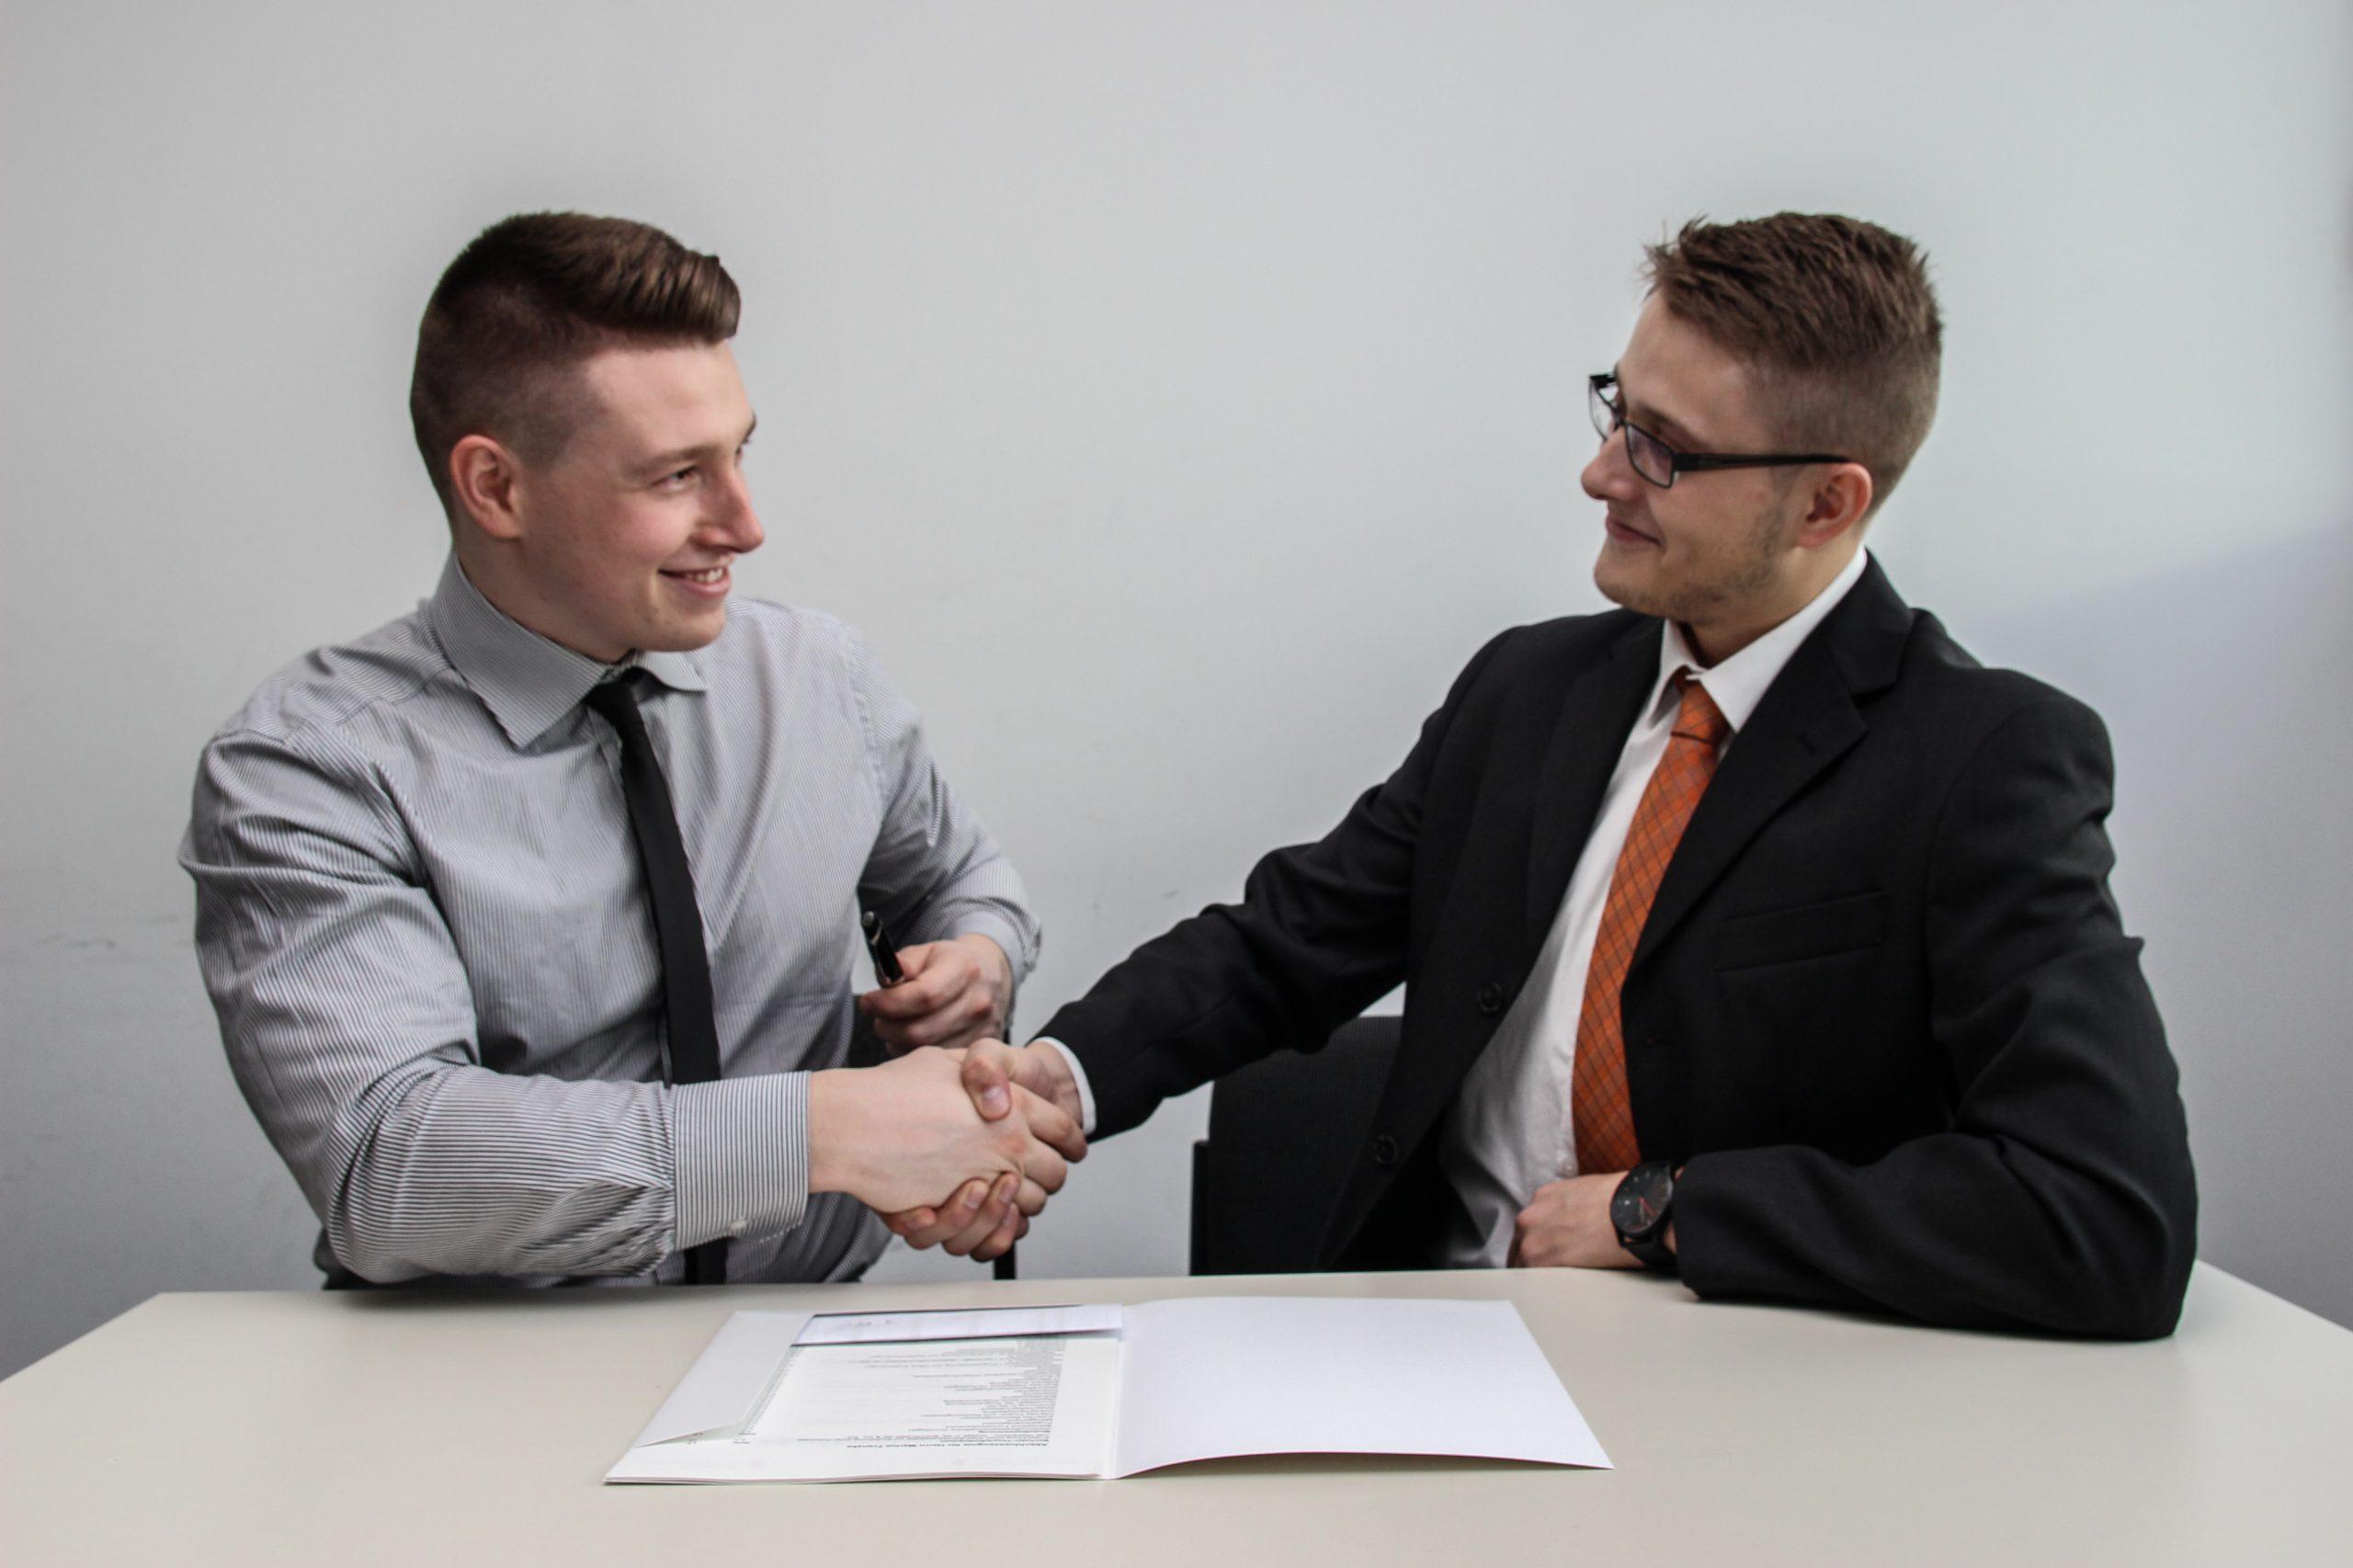 Świadectwo pracy – charakterystyka oraz obowiązek wydania